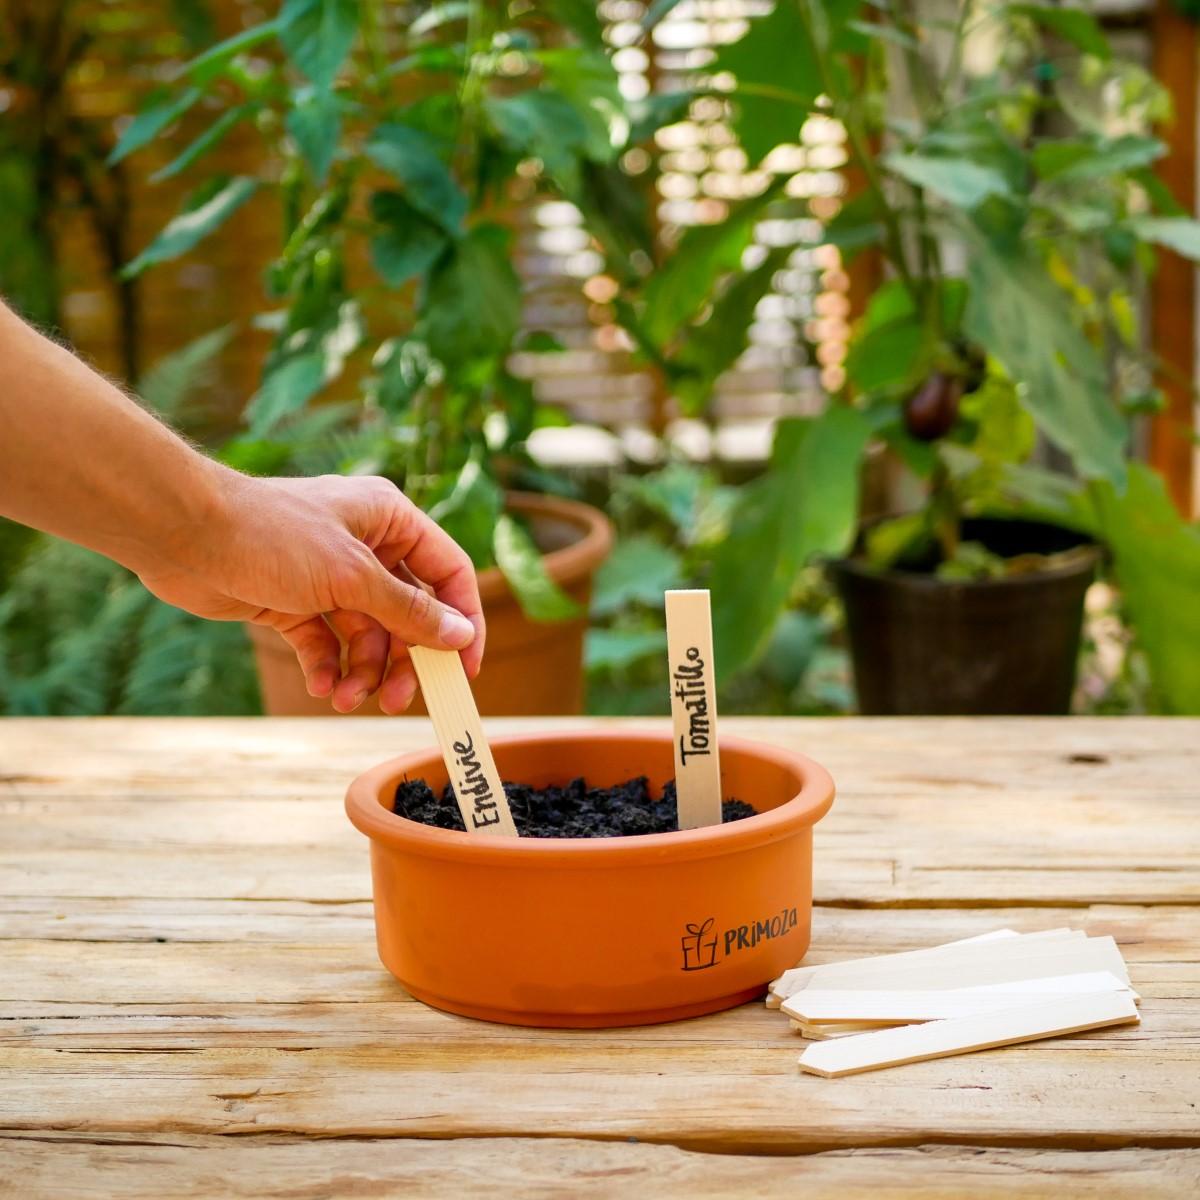 Pflanzenstecker aus Holz stecken in einer mit Erde gefüllten Anzuchtschale aus Ton.